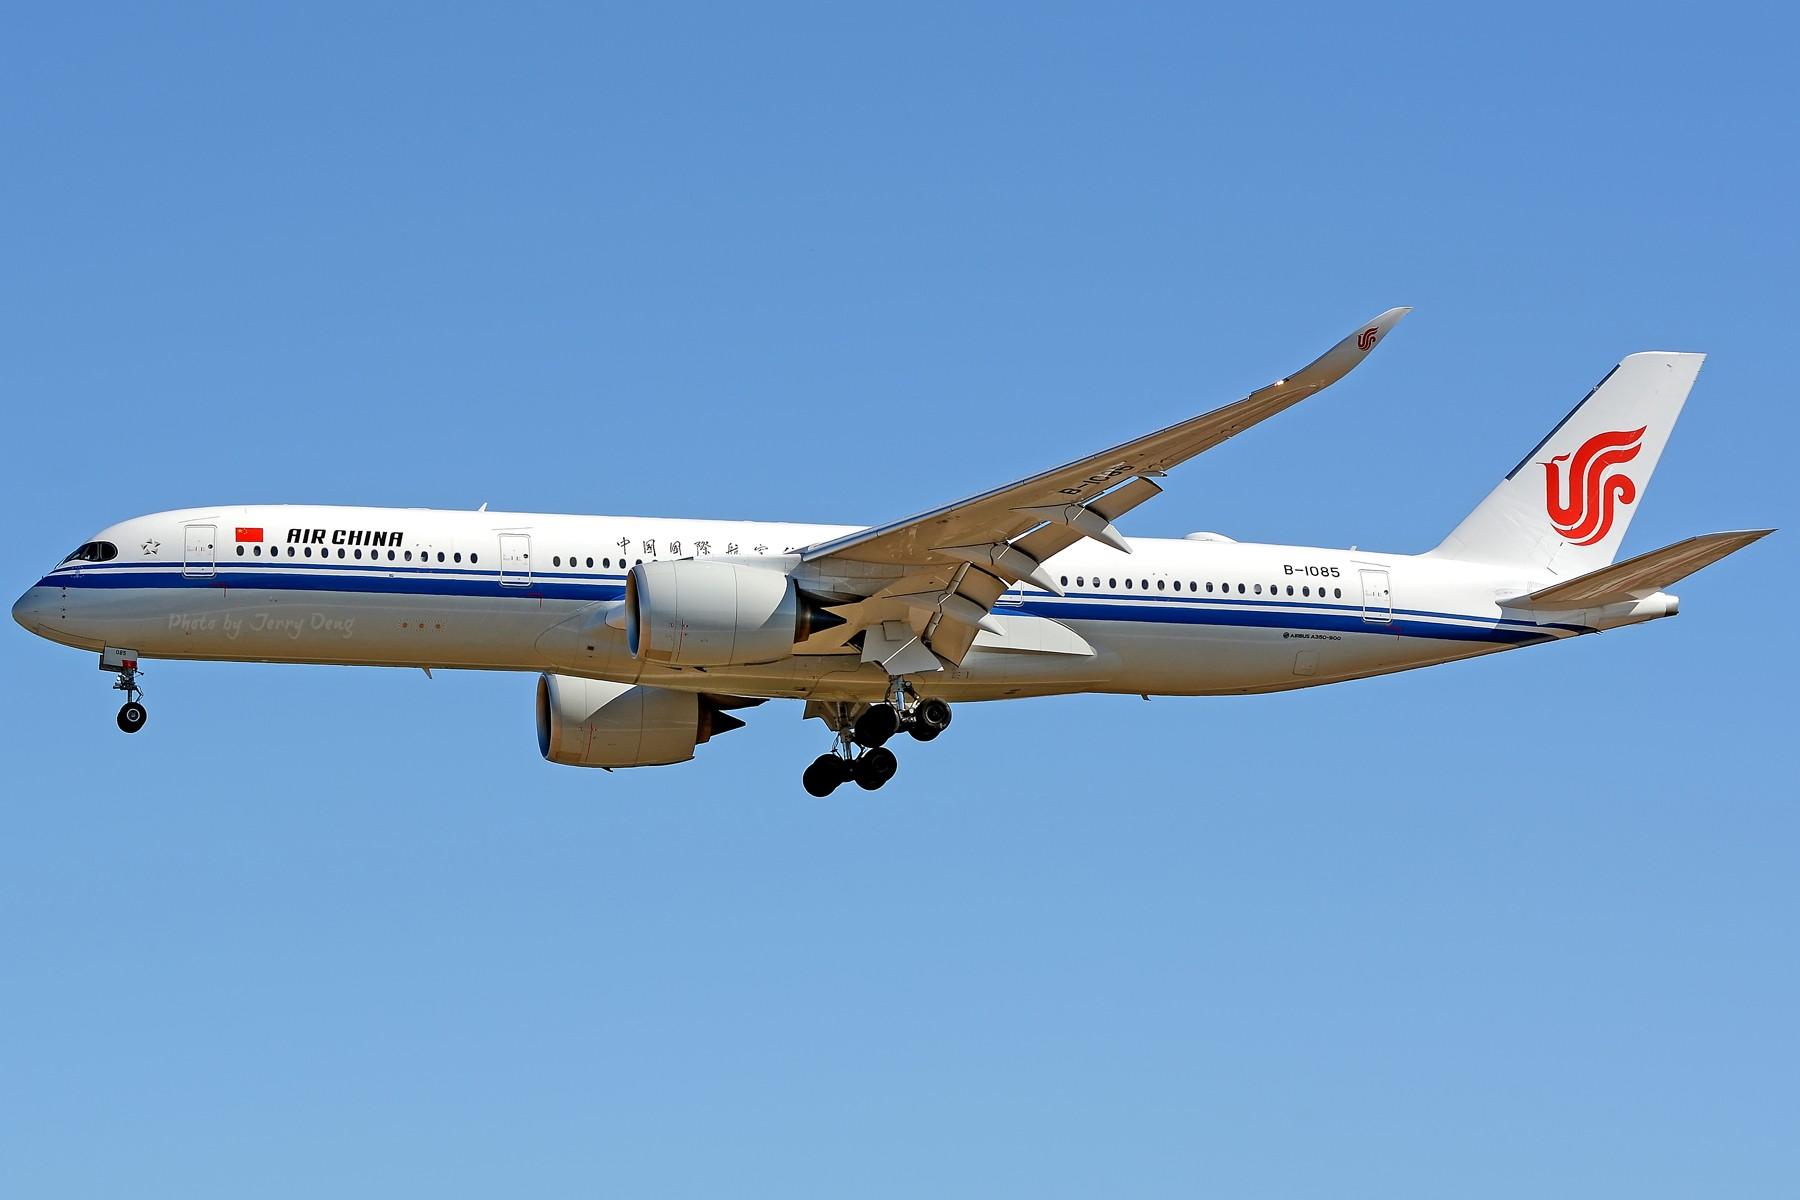 Re:[原创]【多图党】PEK落地一组国航系【2】 AIRBUS A350-900 B-1085 中国北京首都国际机场